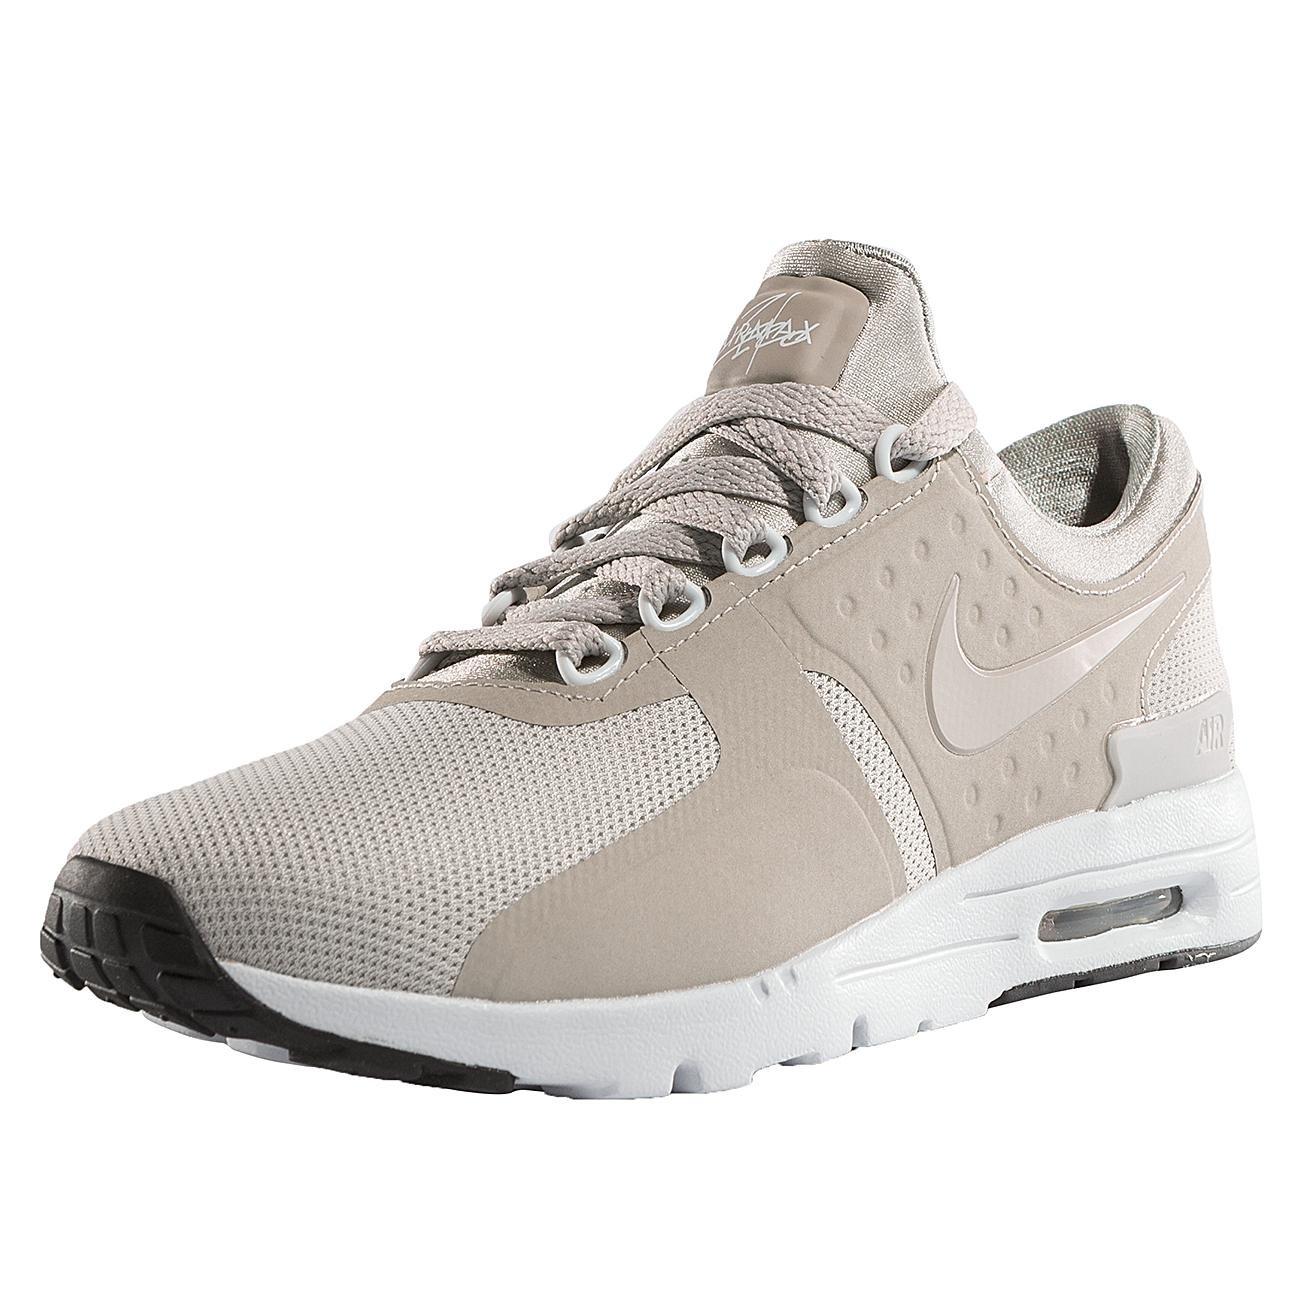 8564a85ba0 Galleon - Nike Womens Air Max Zero 857661 011 Cobblestone/Cobblestone (7)